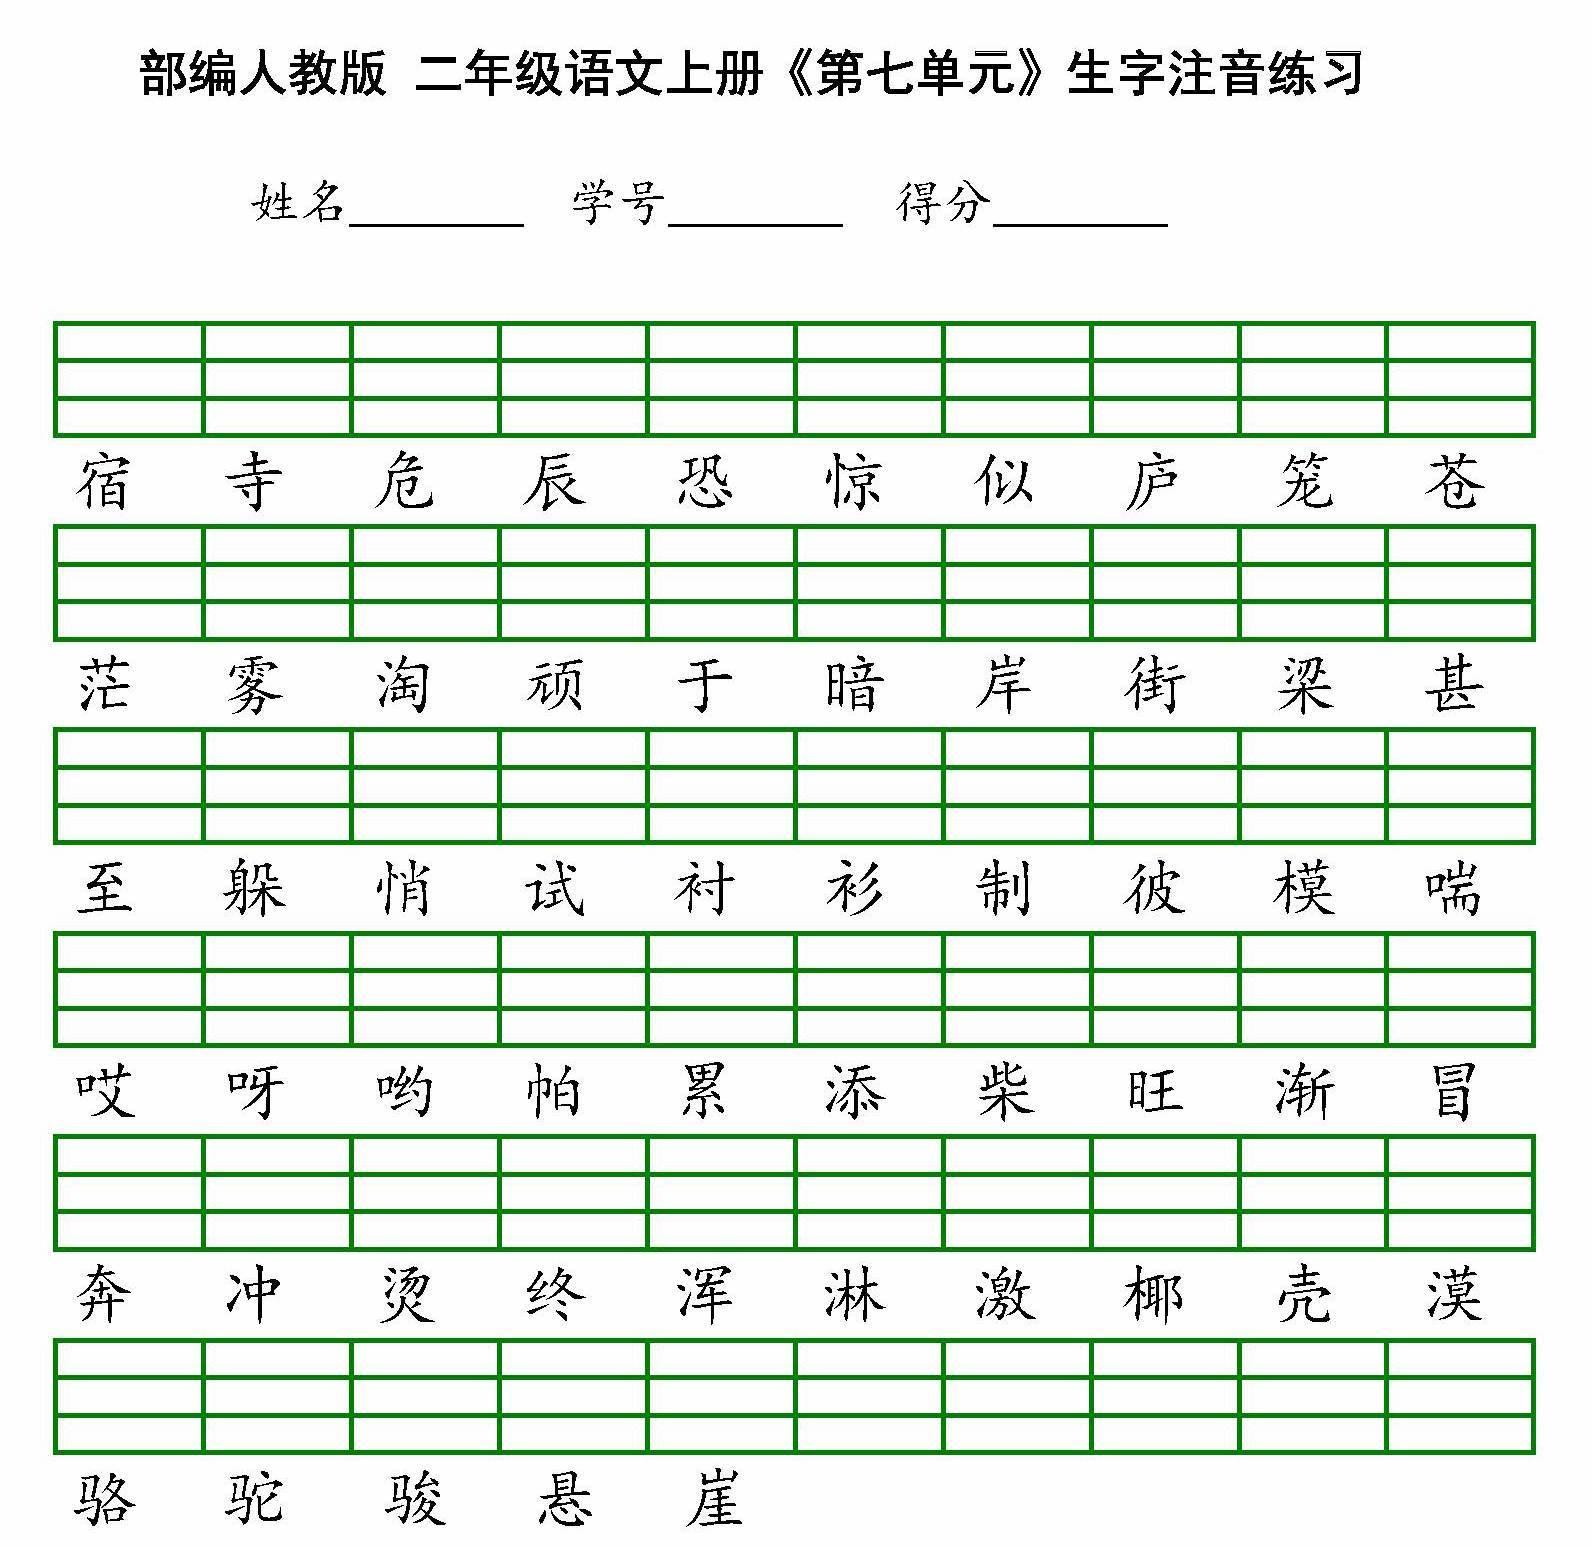 部编版1-2年级语文上册生字表注音版+生字书写练习(可图片